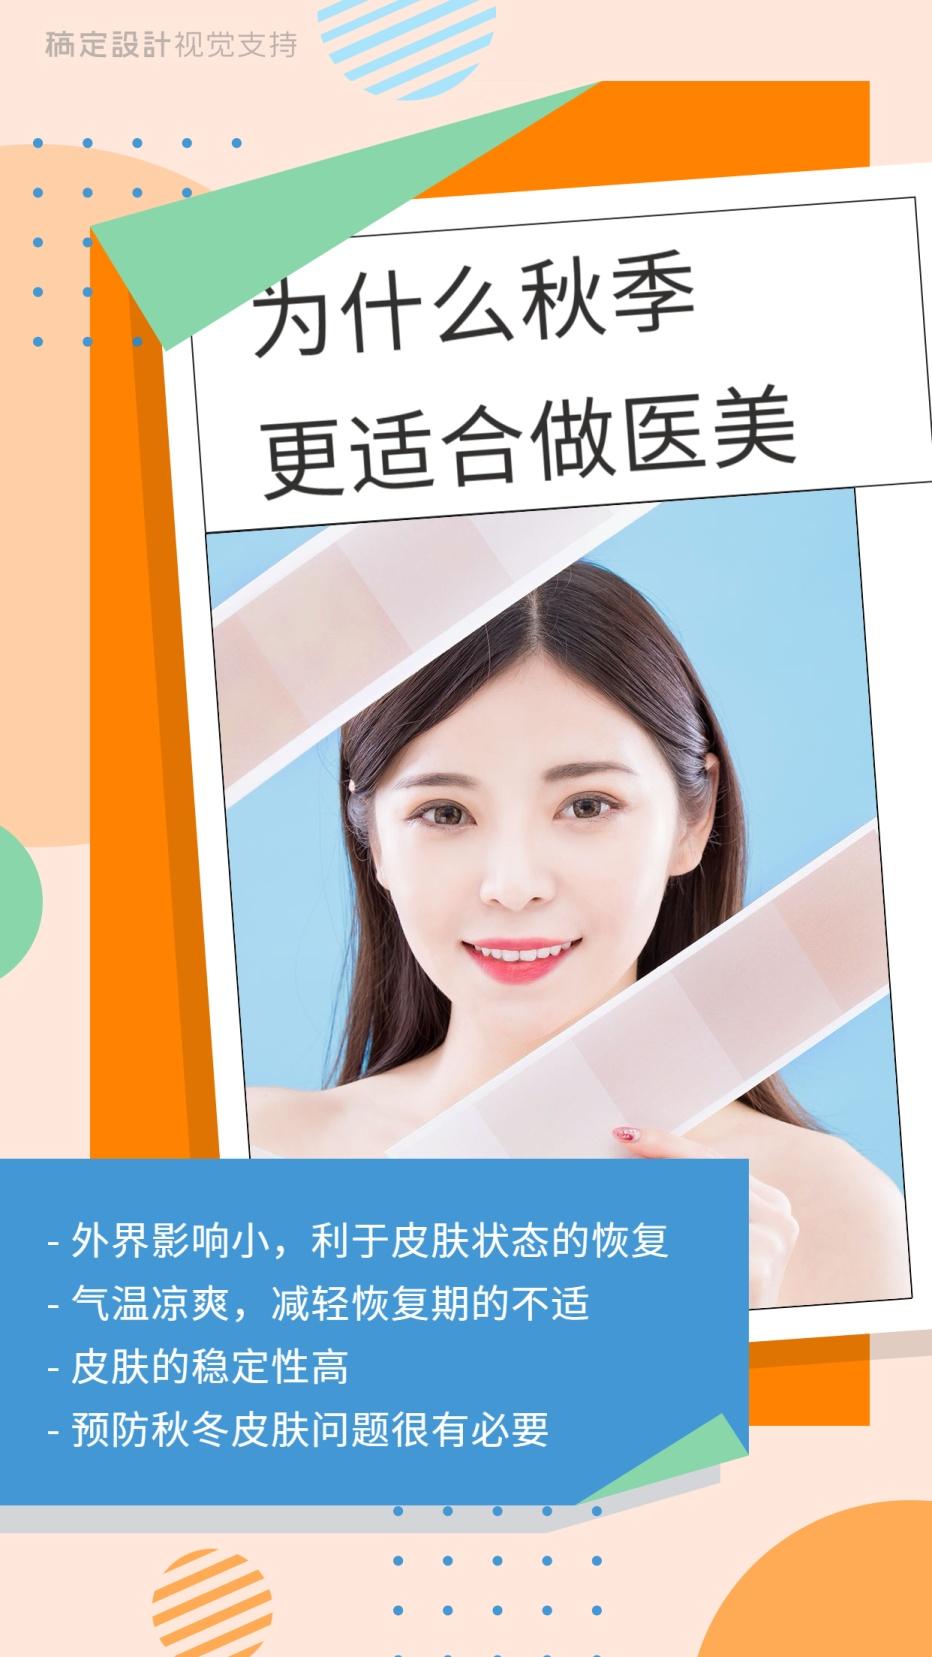 秋季护肤小提示宣传海报